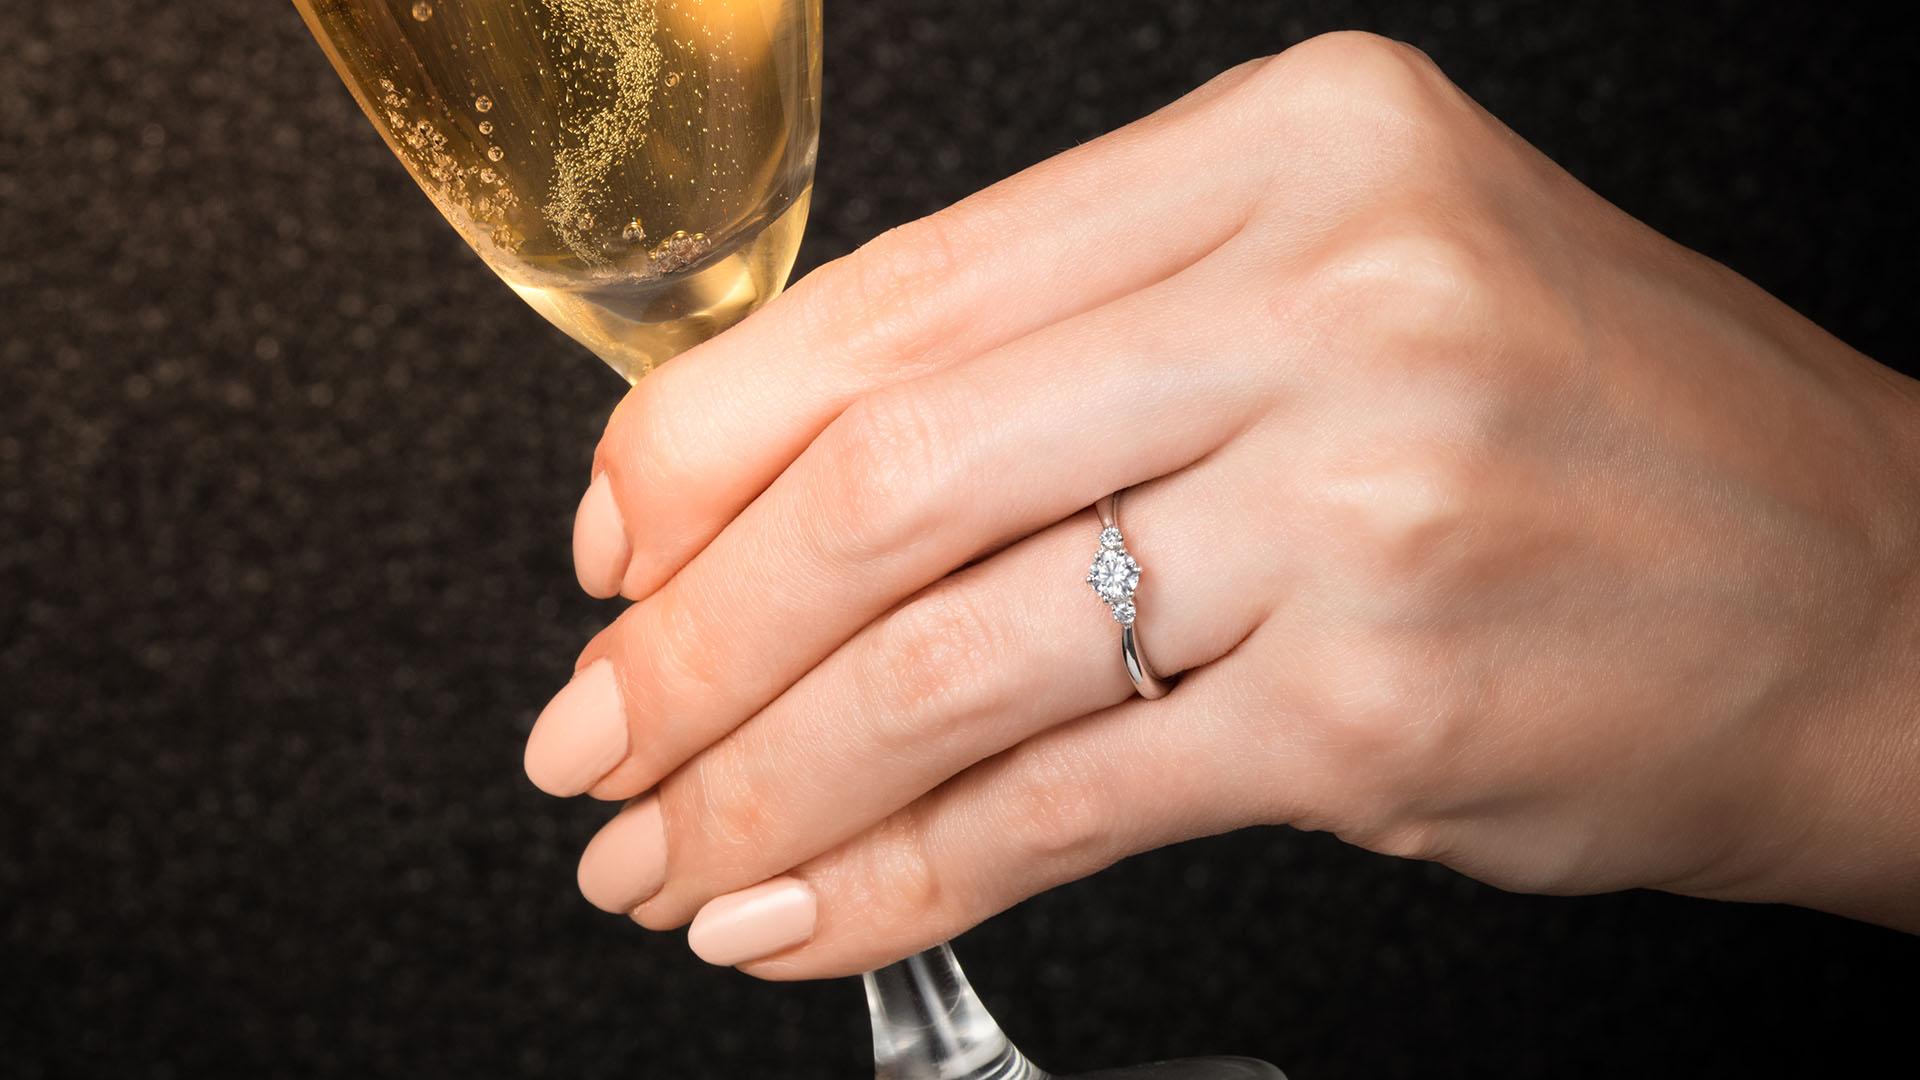 meissa メイサ | 婚約指輪サムネイル 3